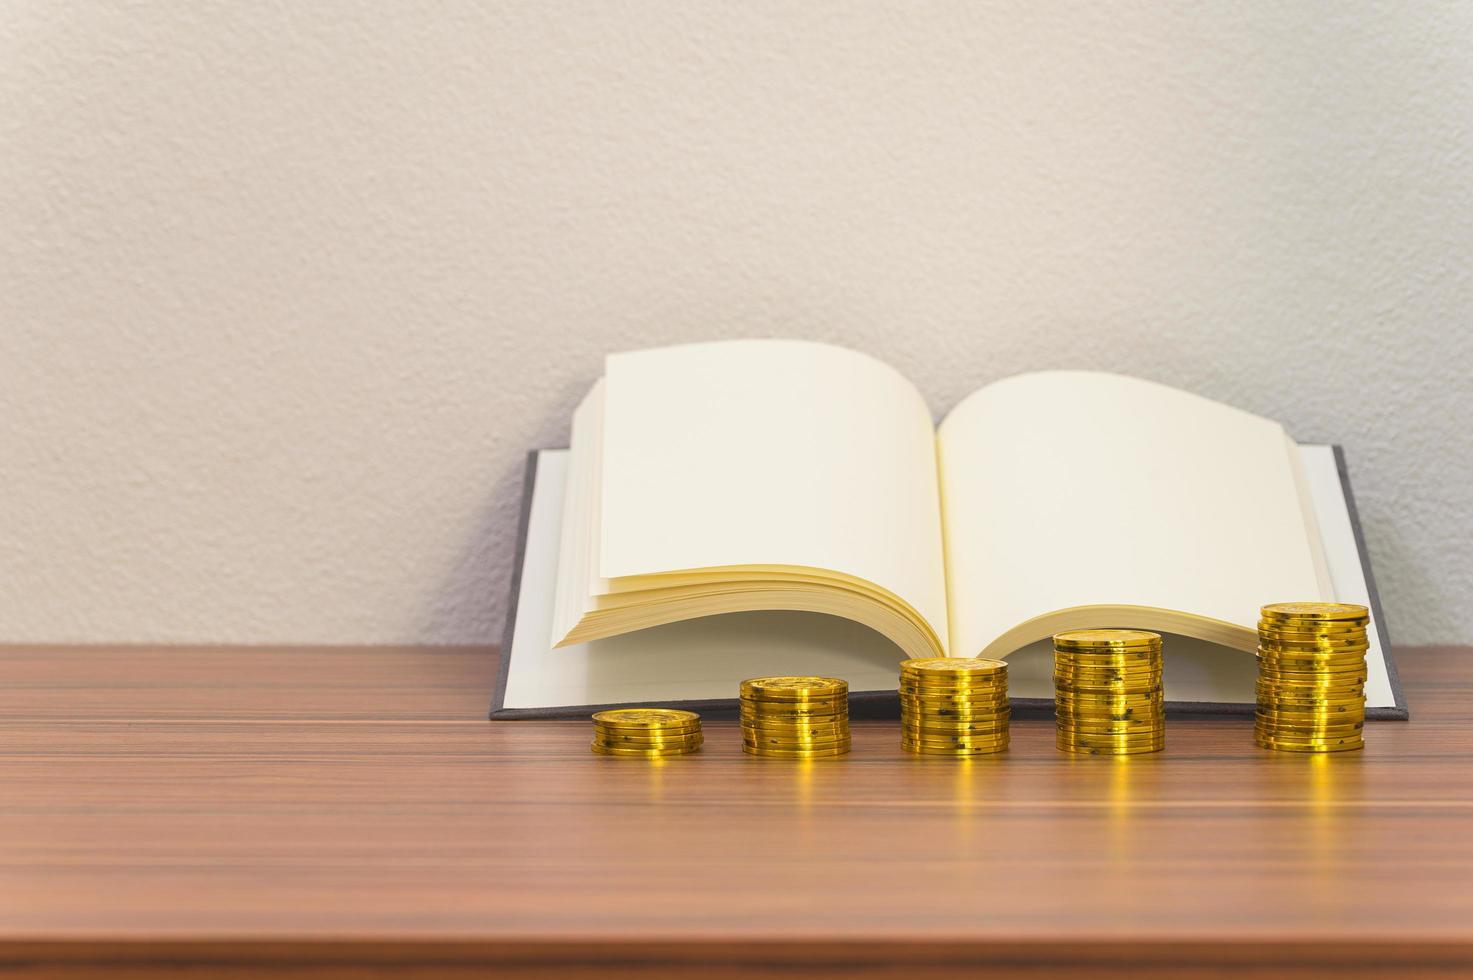 pilas de libros y monedas en el escritorio foto